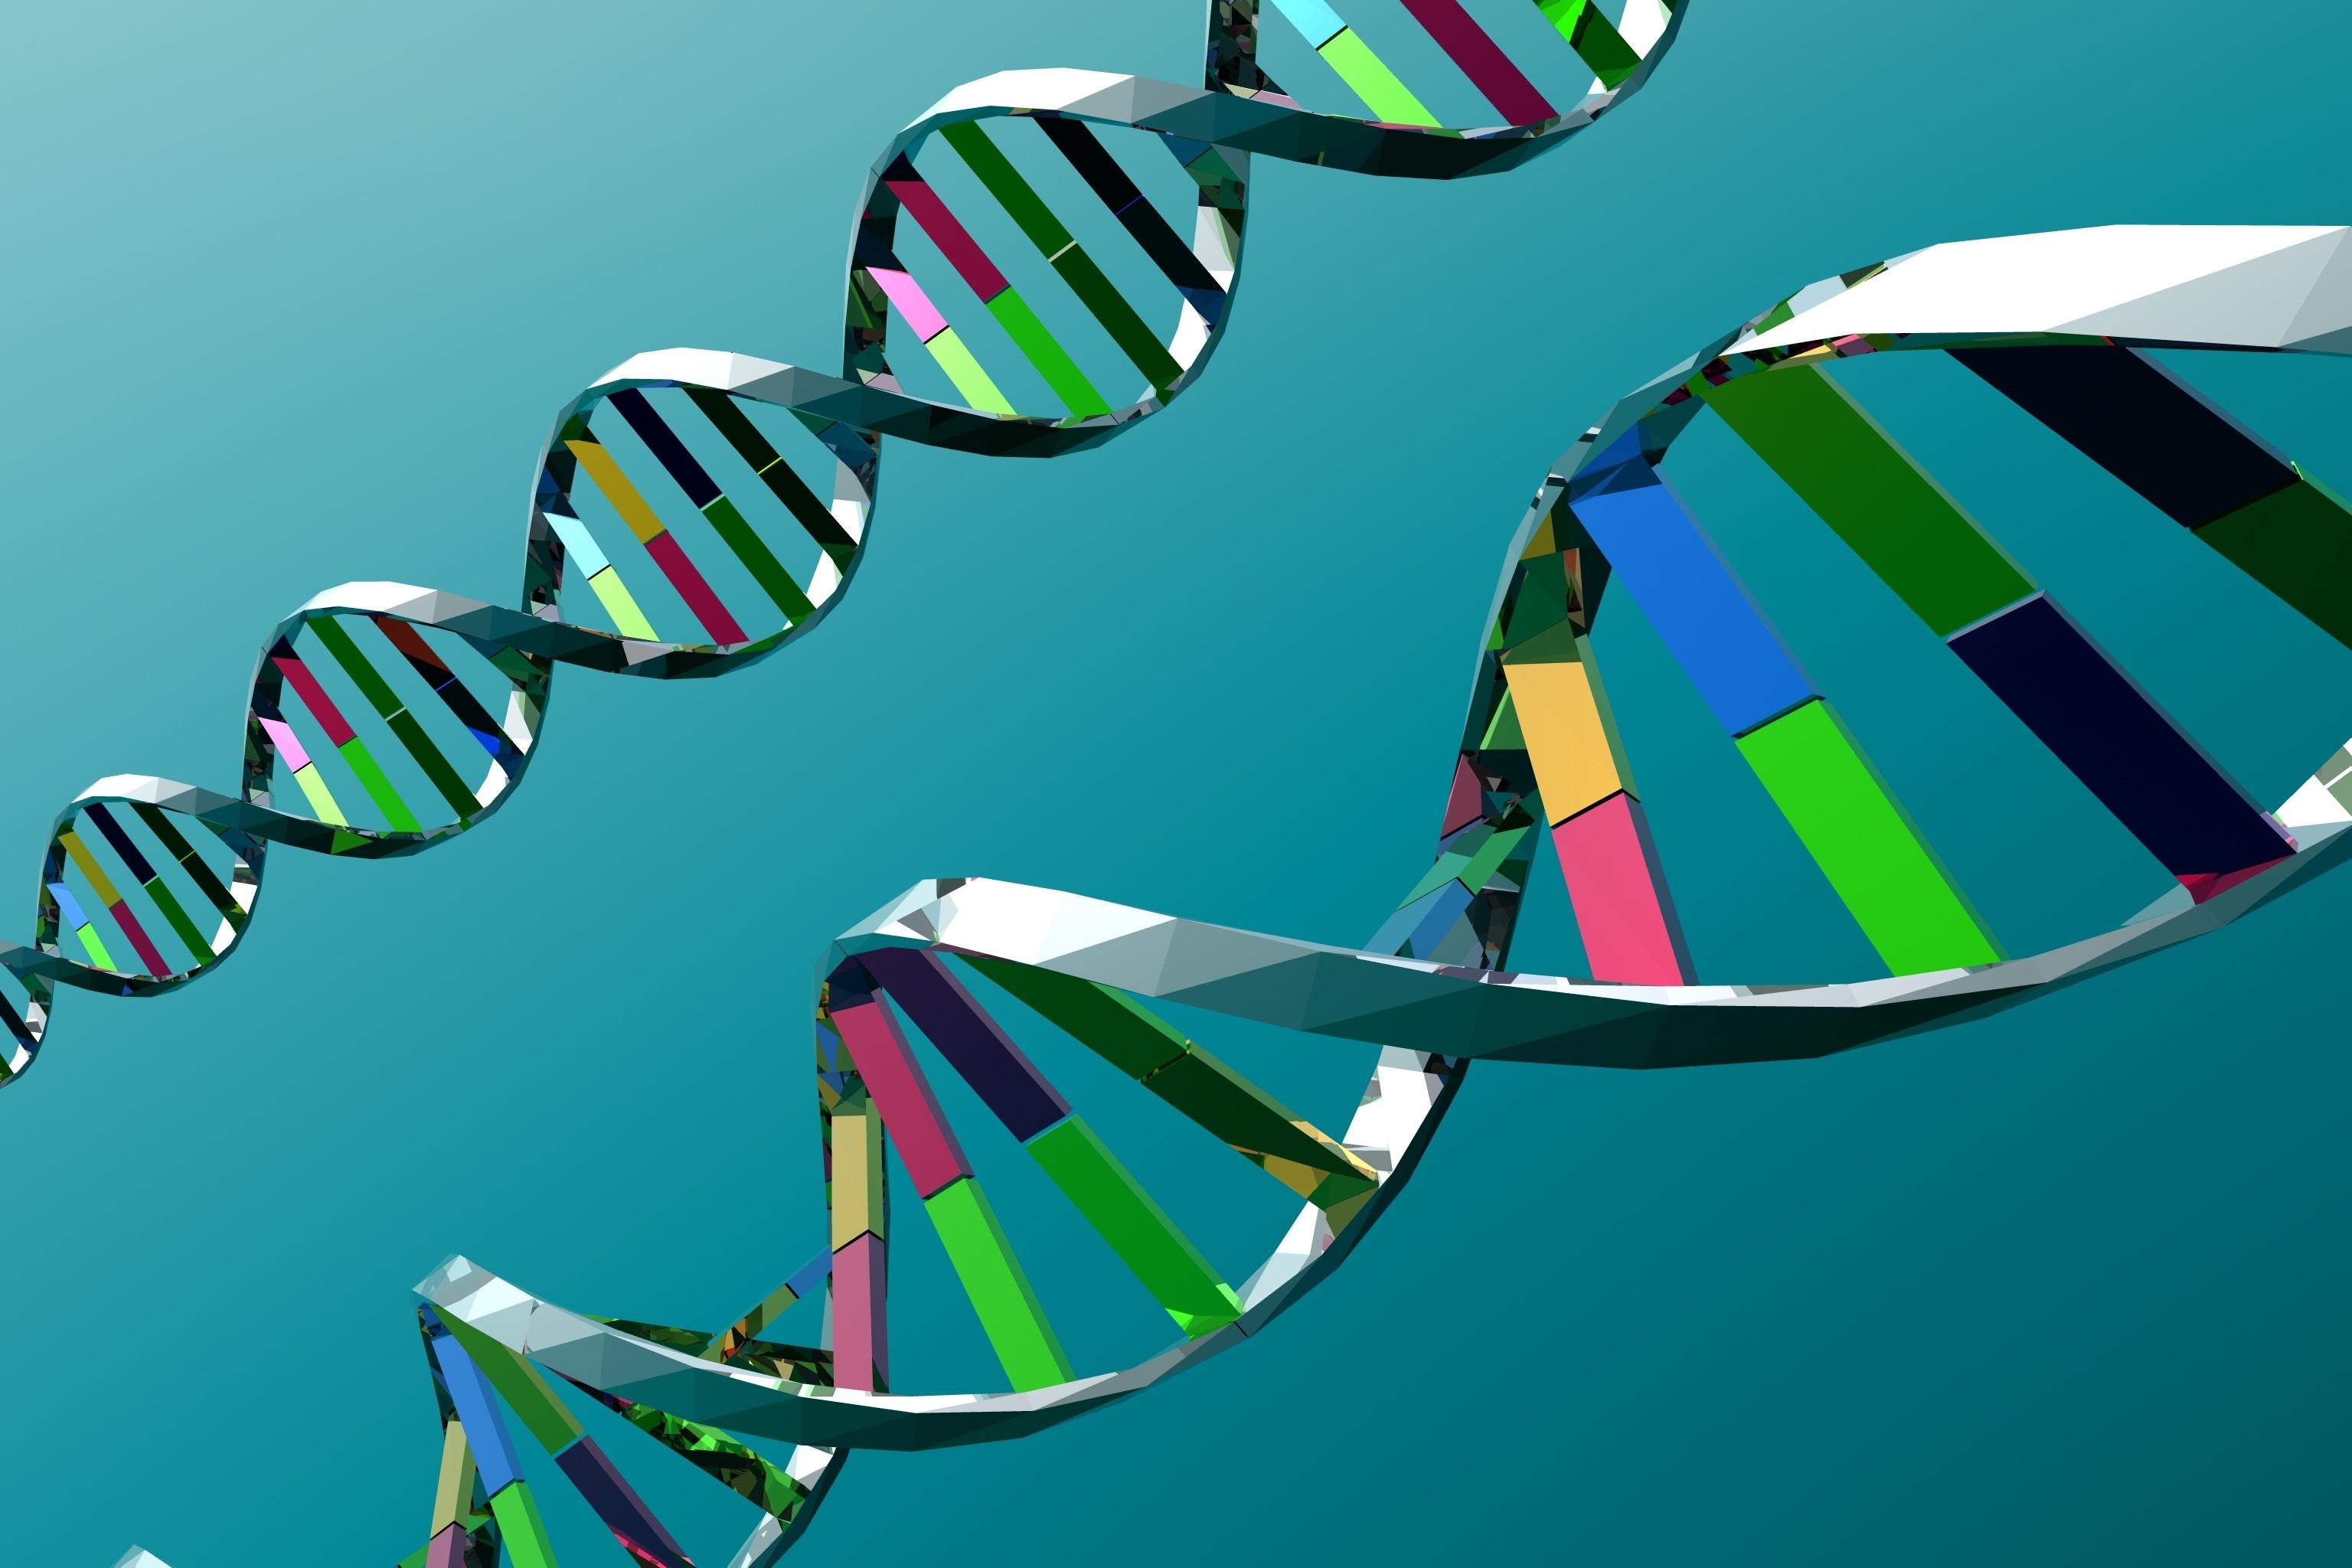 ДНК, гены, хромосомы